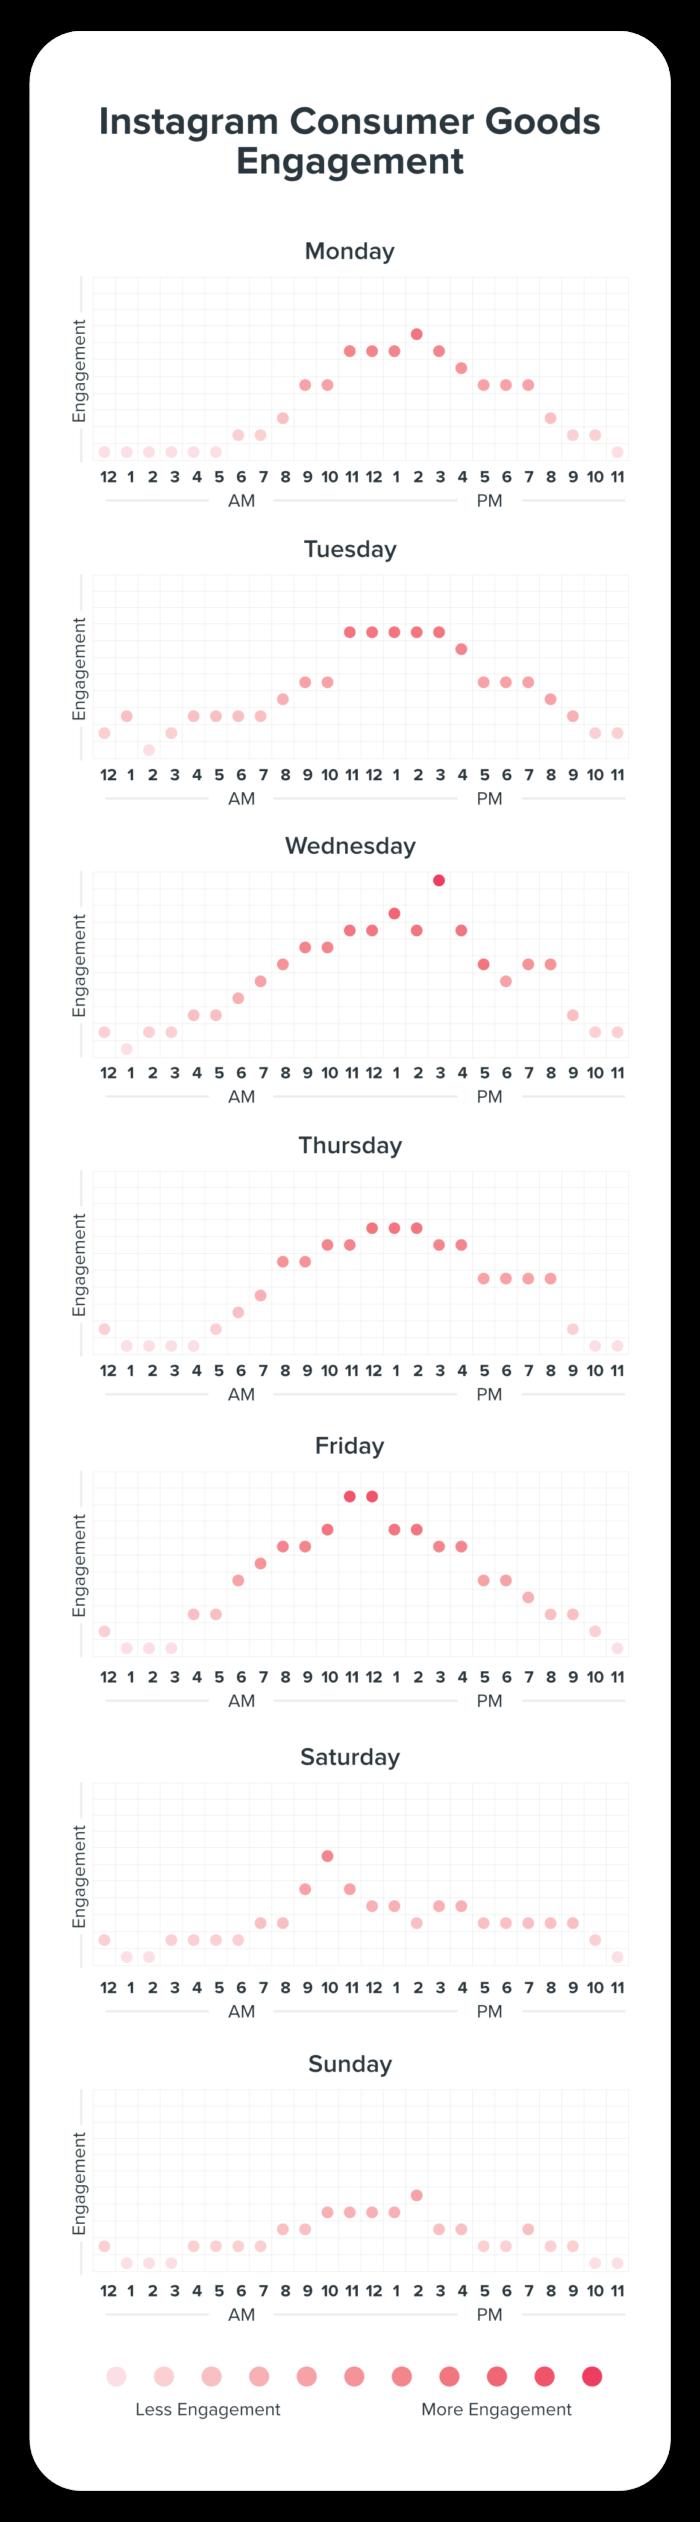 Engagement for Instagram Consumer Goods Chart